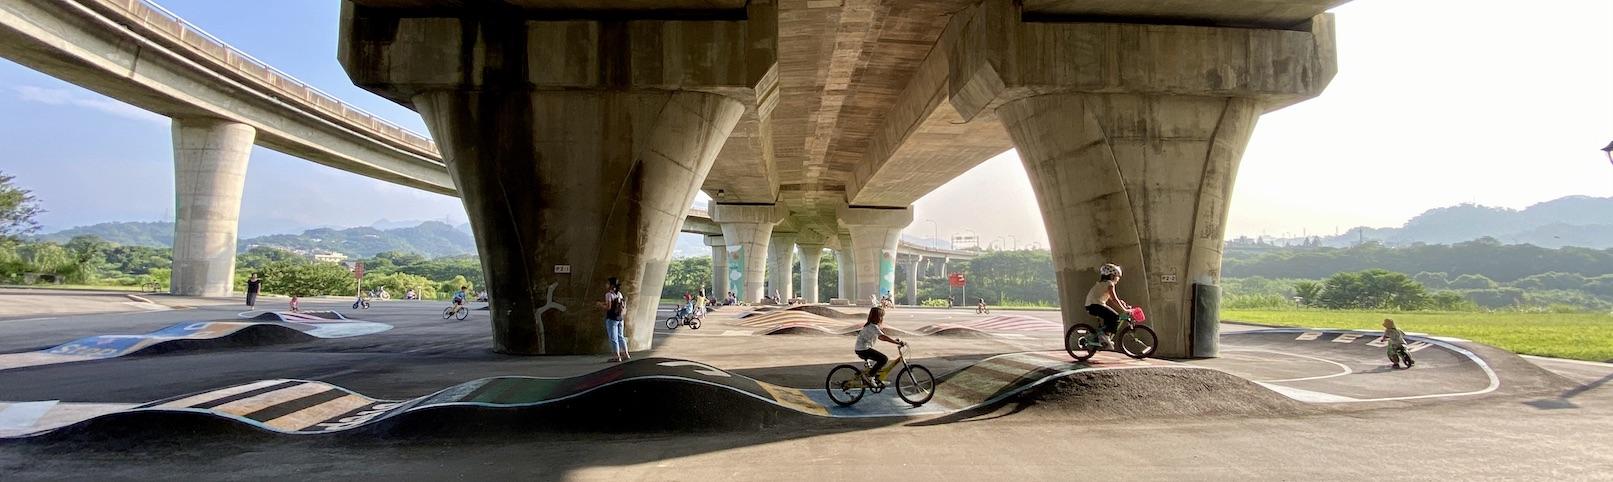 Bitan Bike Circuit